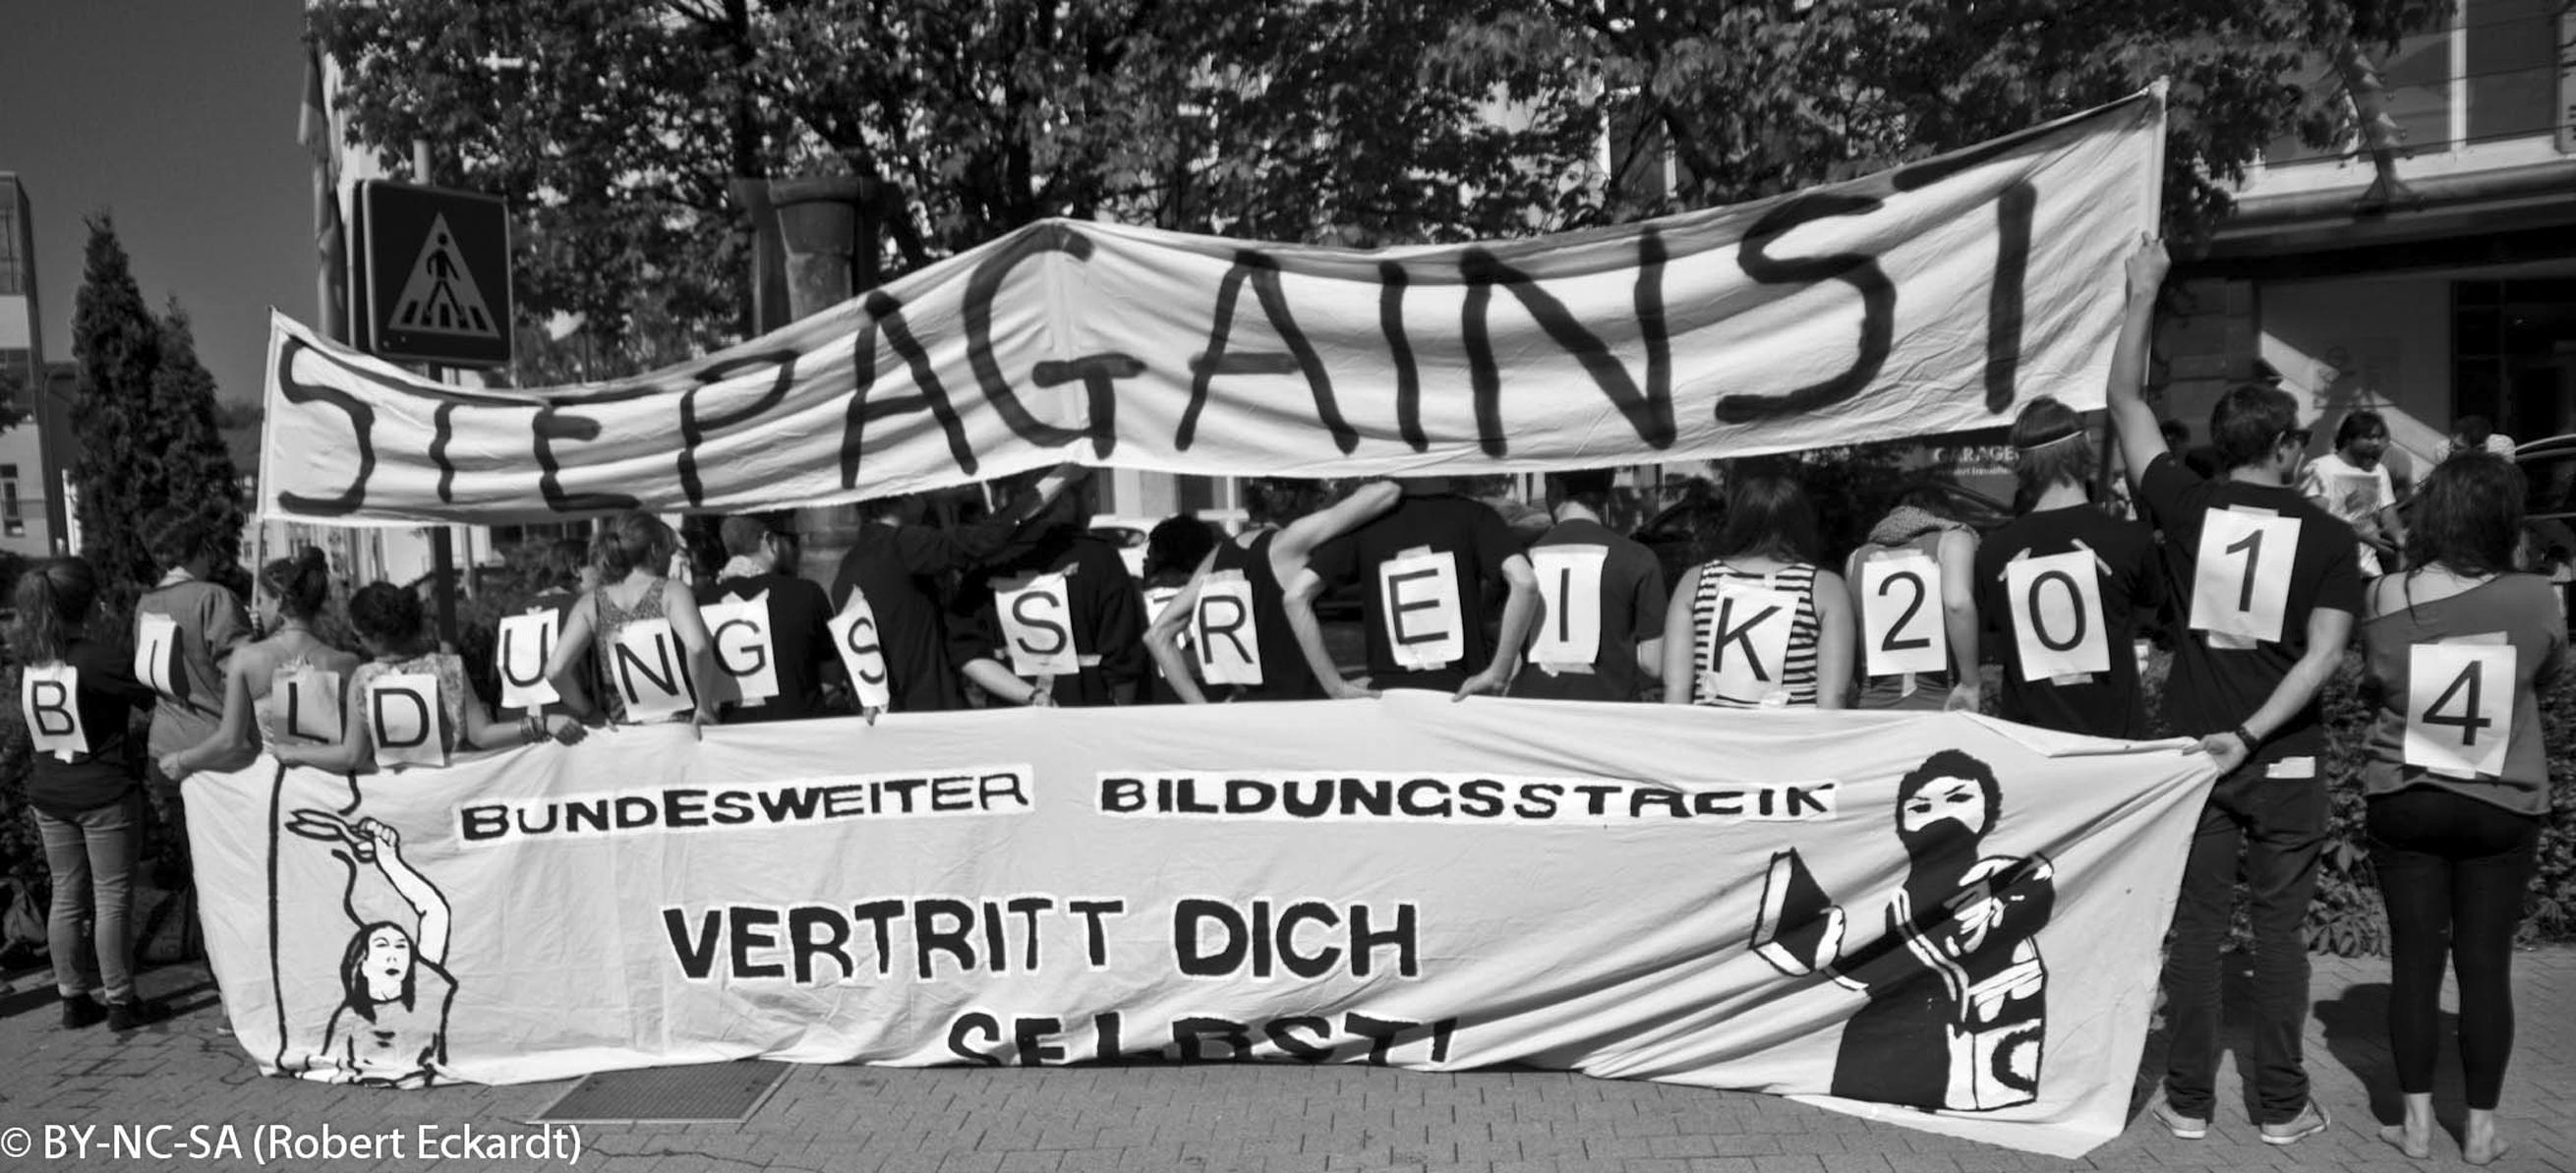 Aktion vom 20. Mai: der Bildungsstreik 2014 ist eröffnet